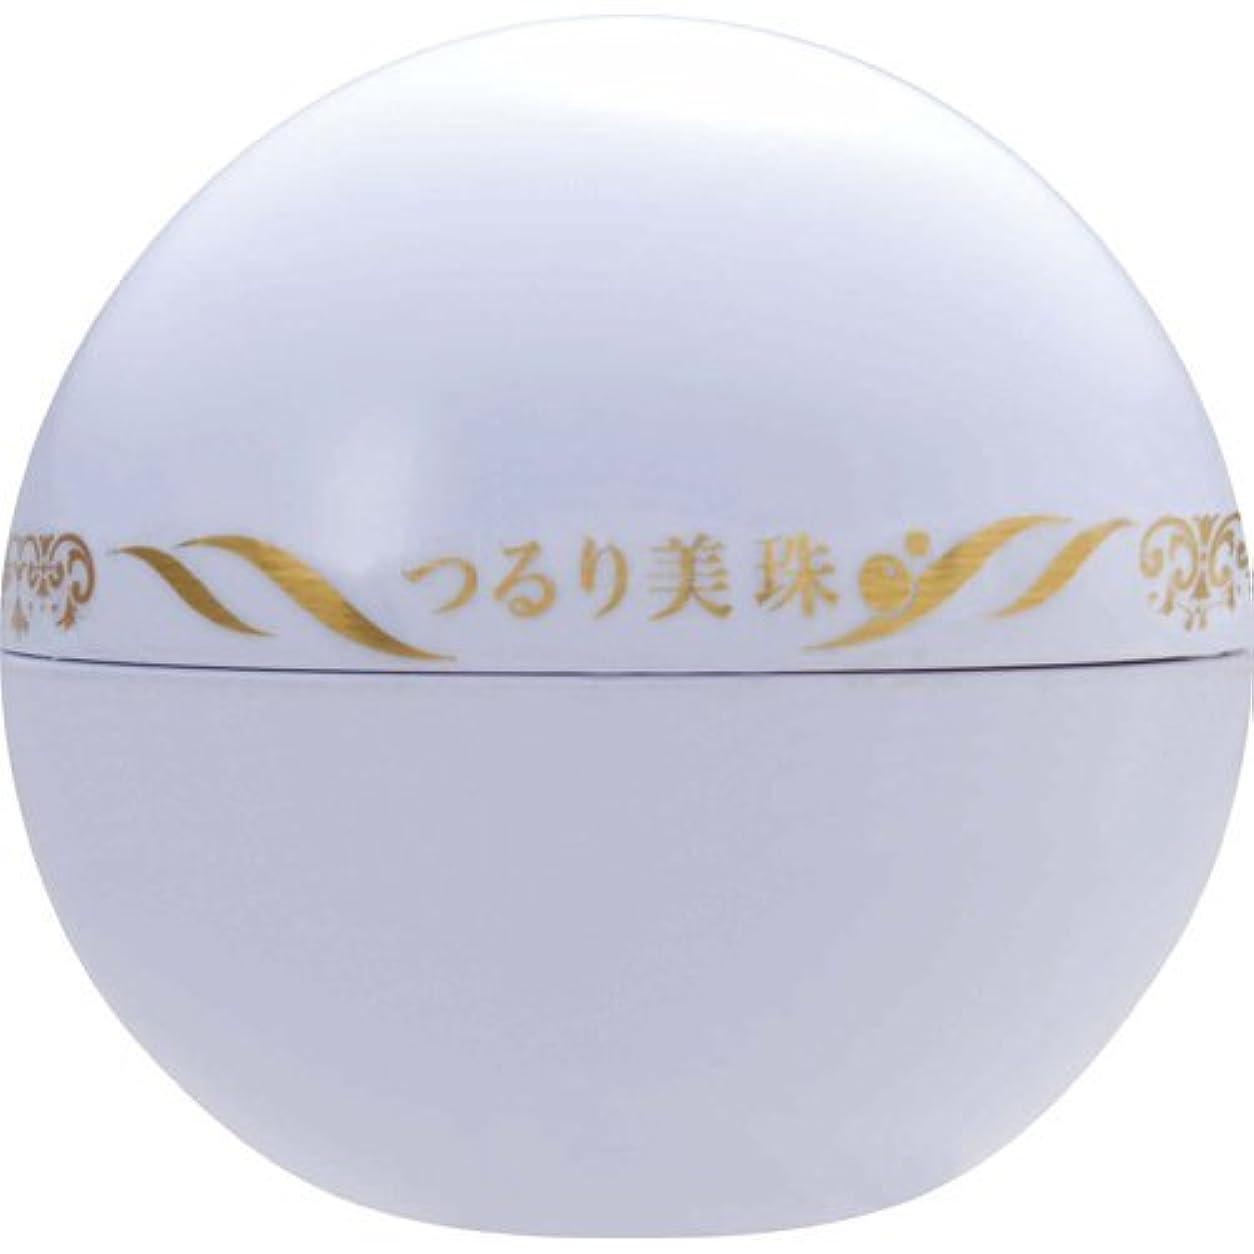 収益モードリン状ビューナ つるり美珠(びしゅ)